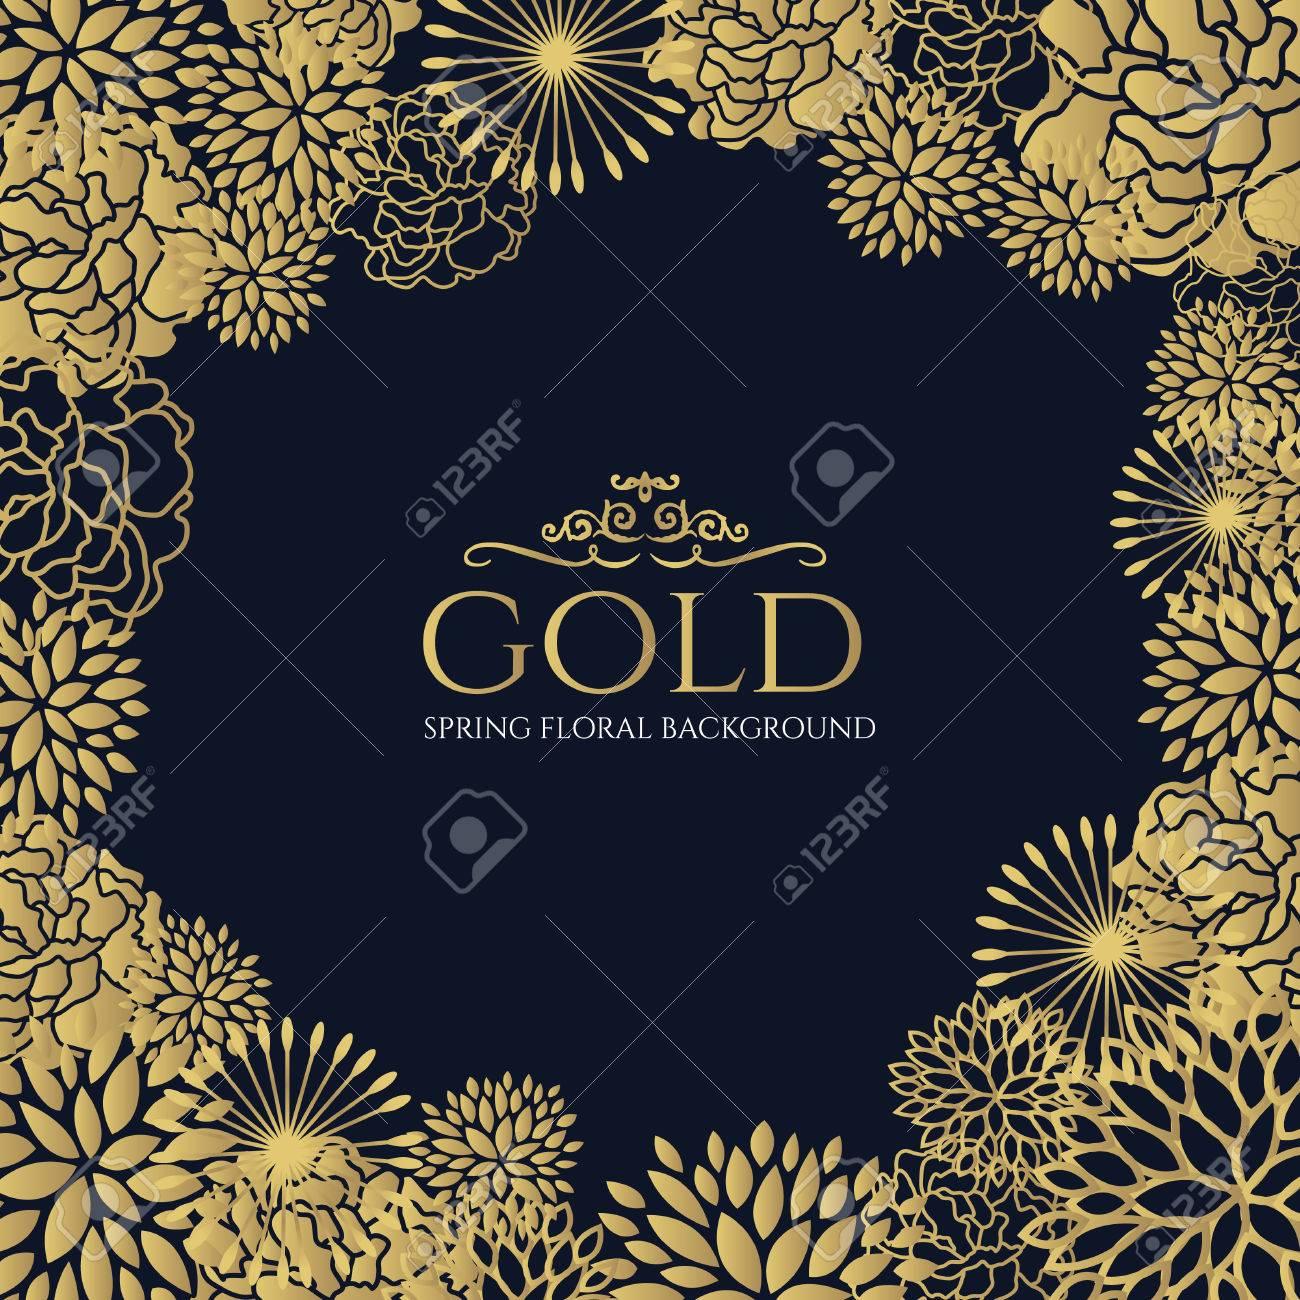 Gold floral frame on dark blue background vector art design - 52224313